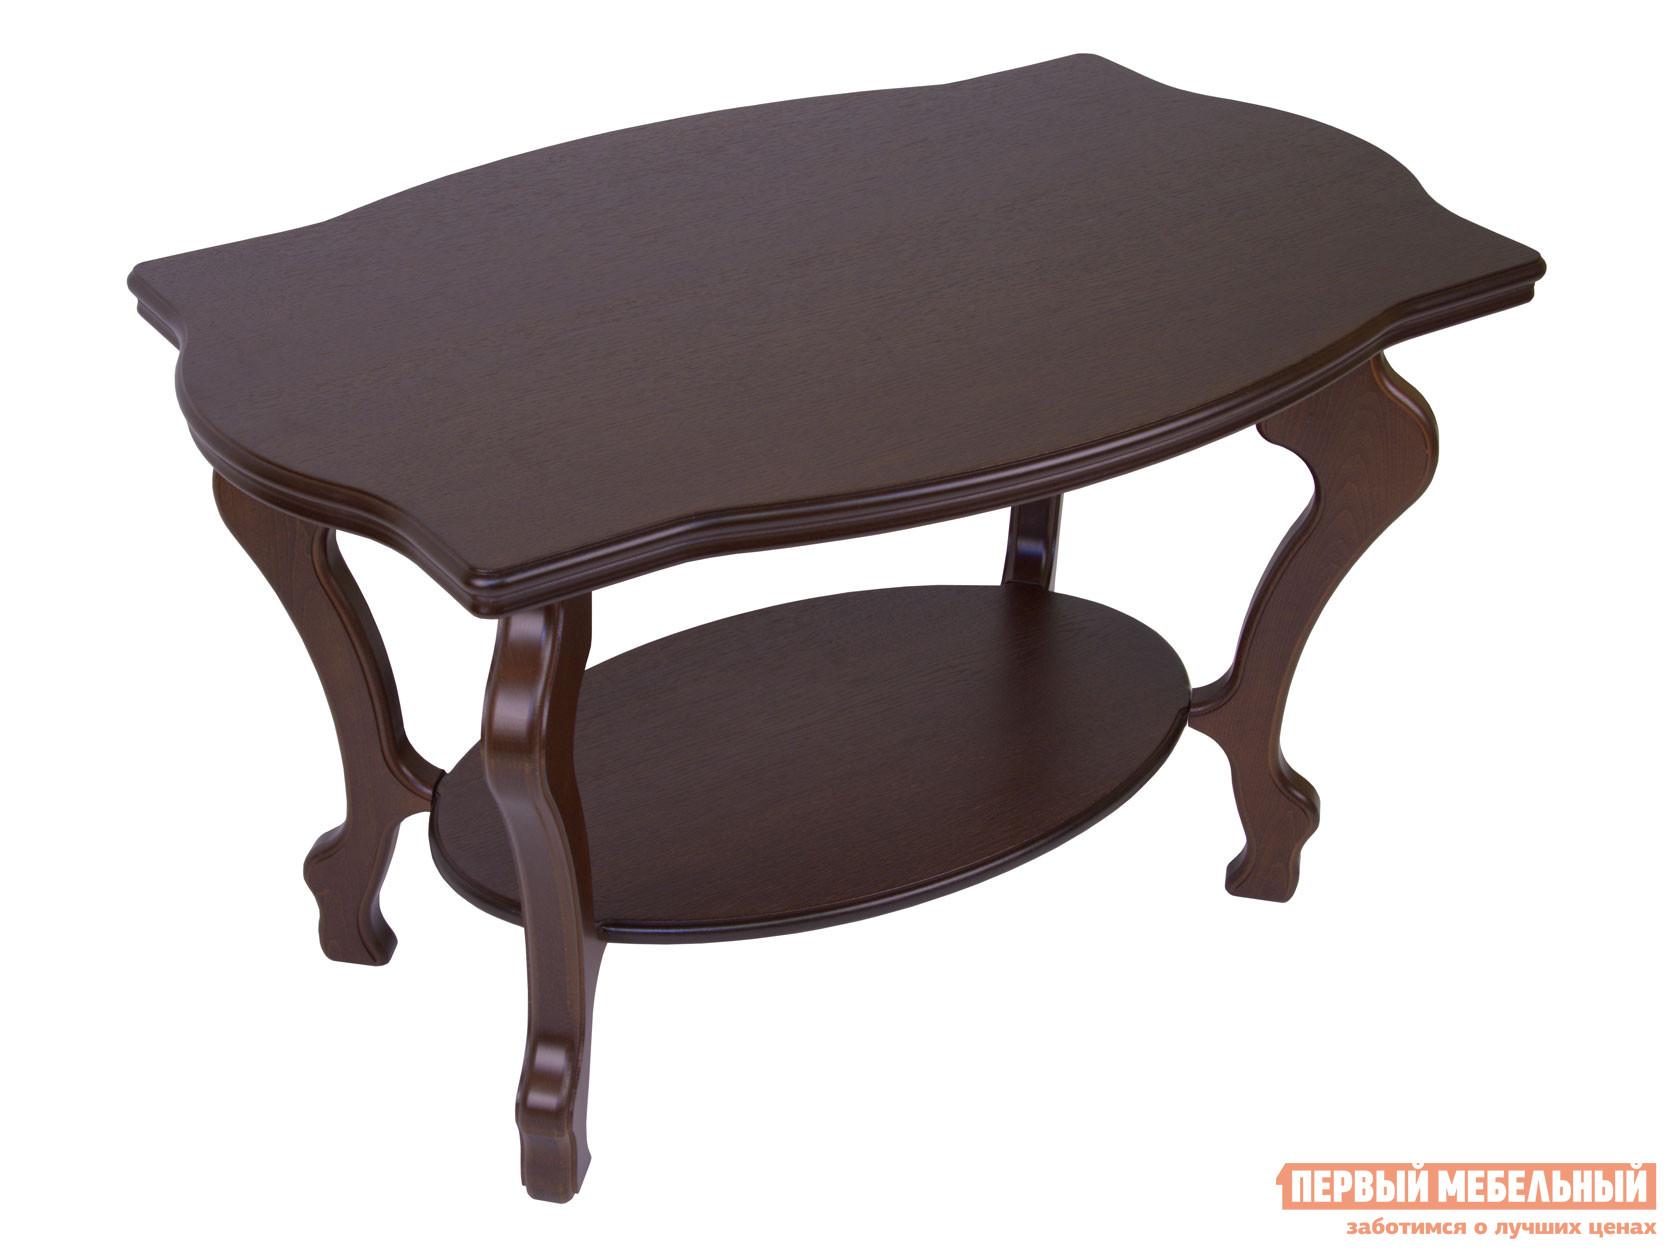 Журнальный столик  Берже-1 Темно-коричневый